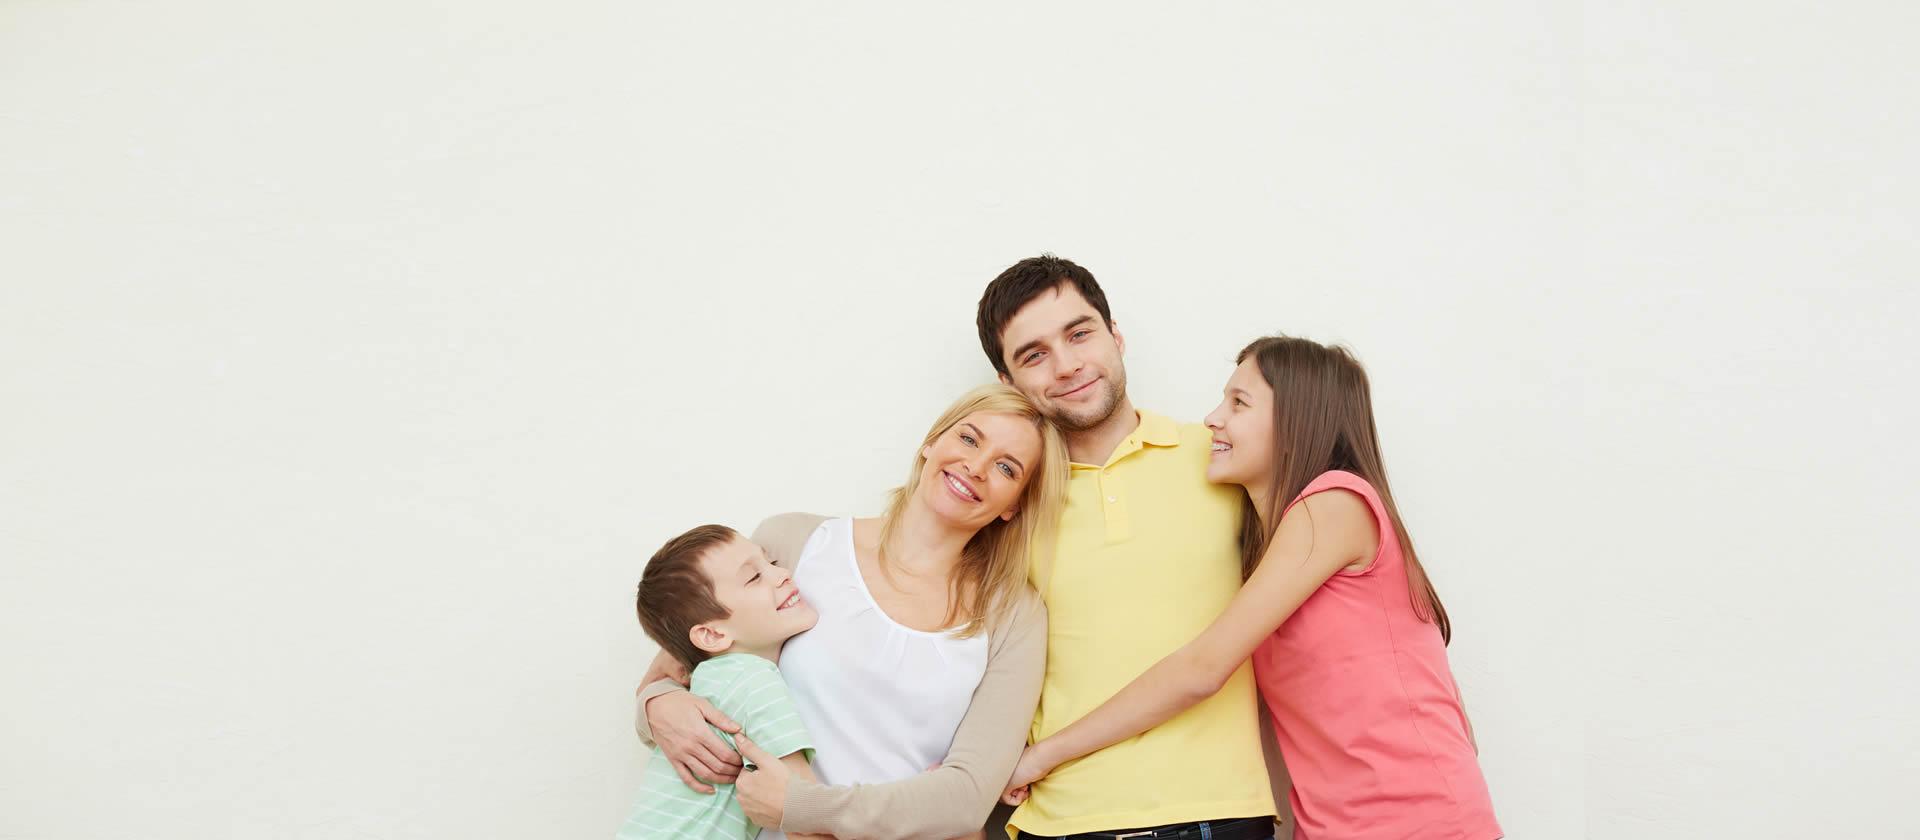 ¿Por qué deberías tener un seguro de vida?